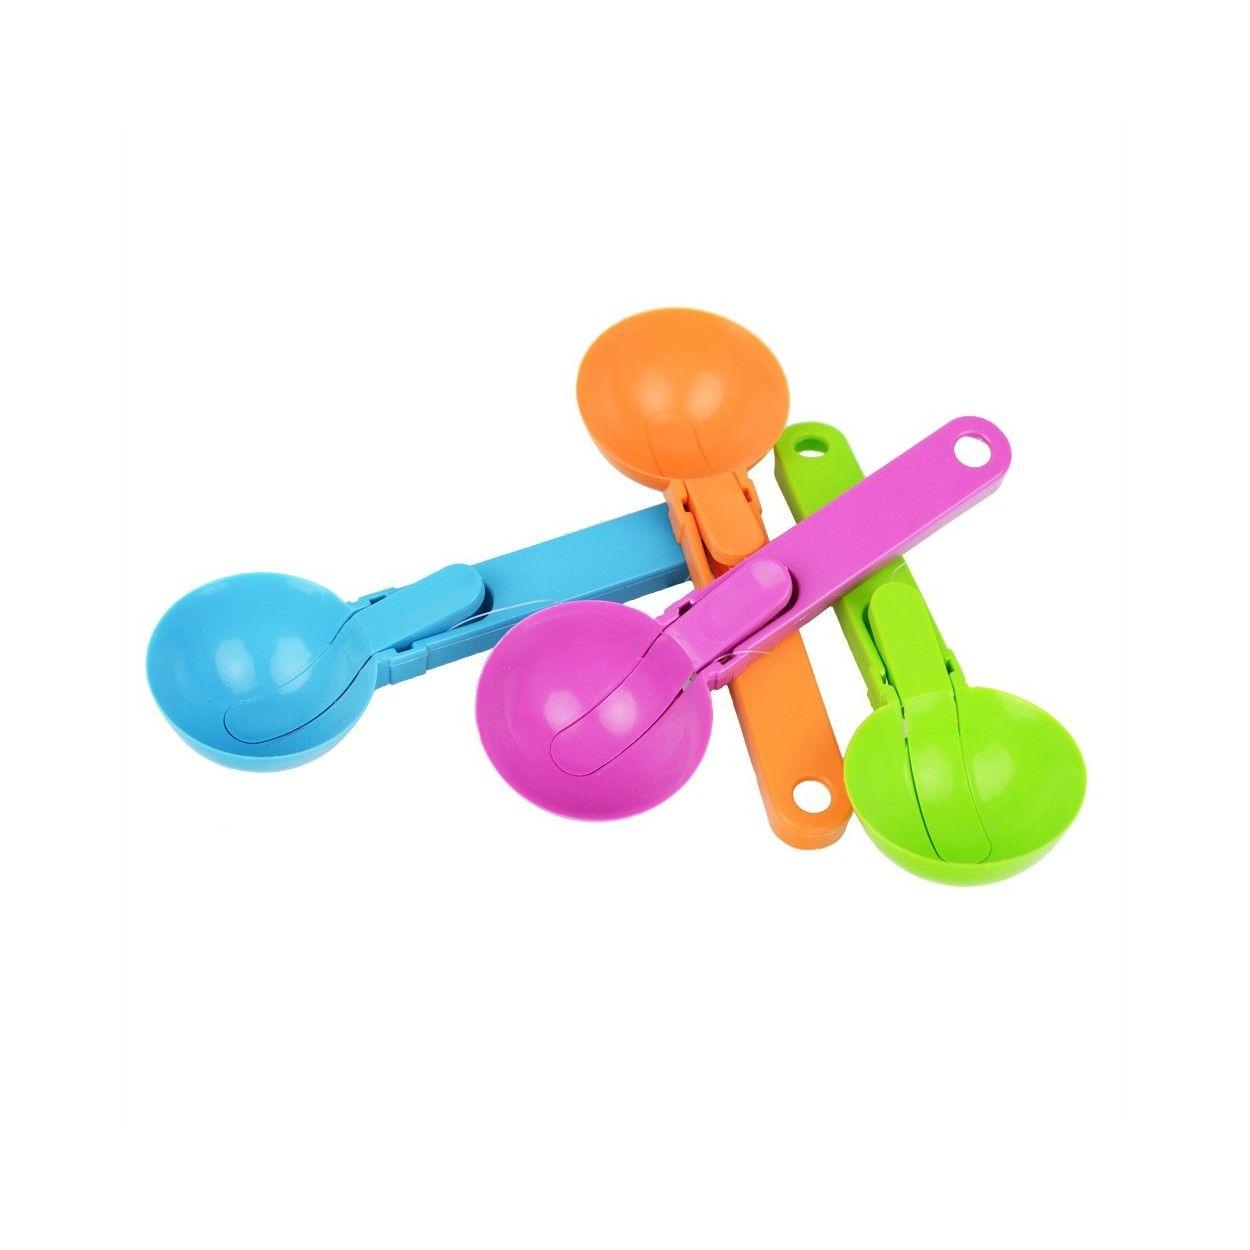 Cuchara para helado cuatro colores 19x6 5 hogar y m s - Cuchara para helado ...